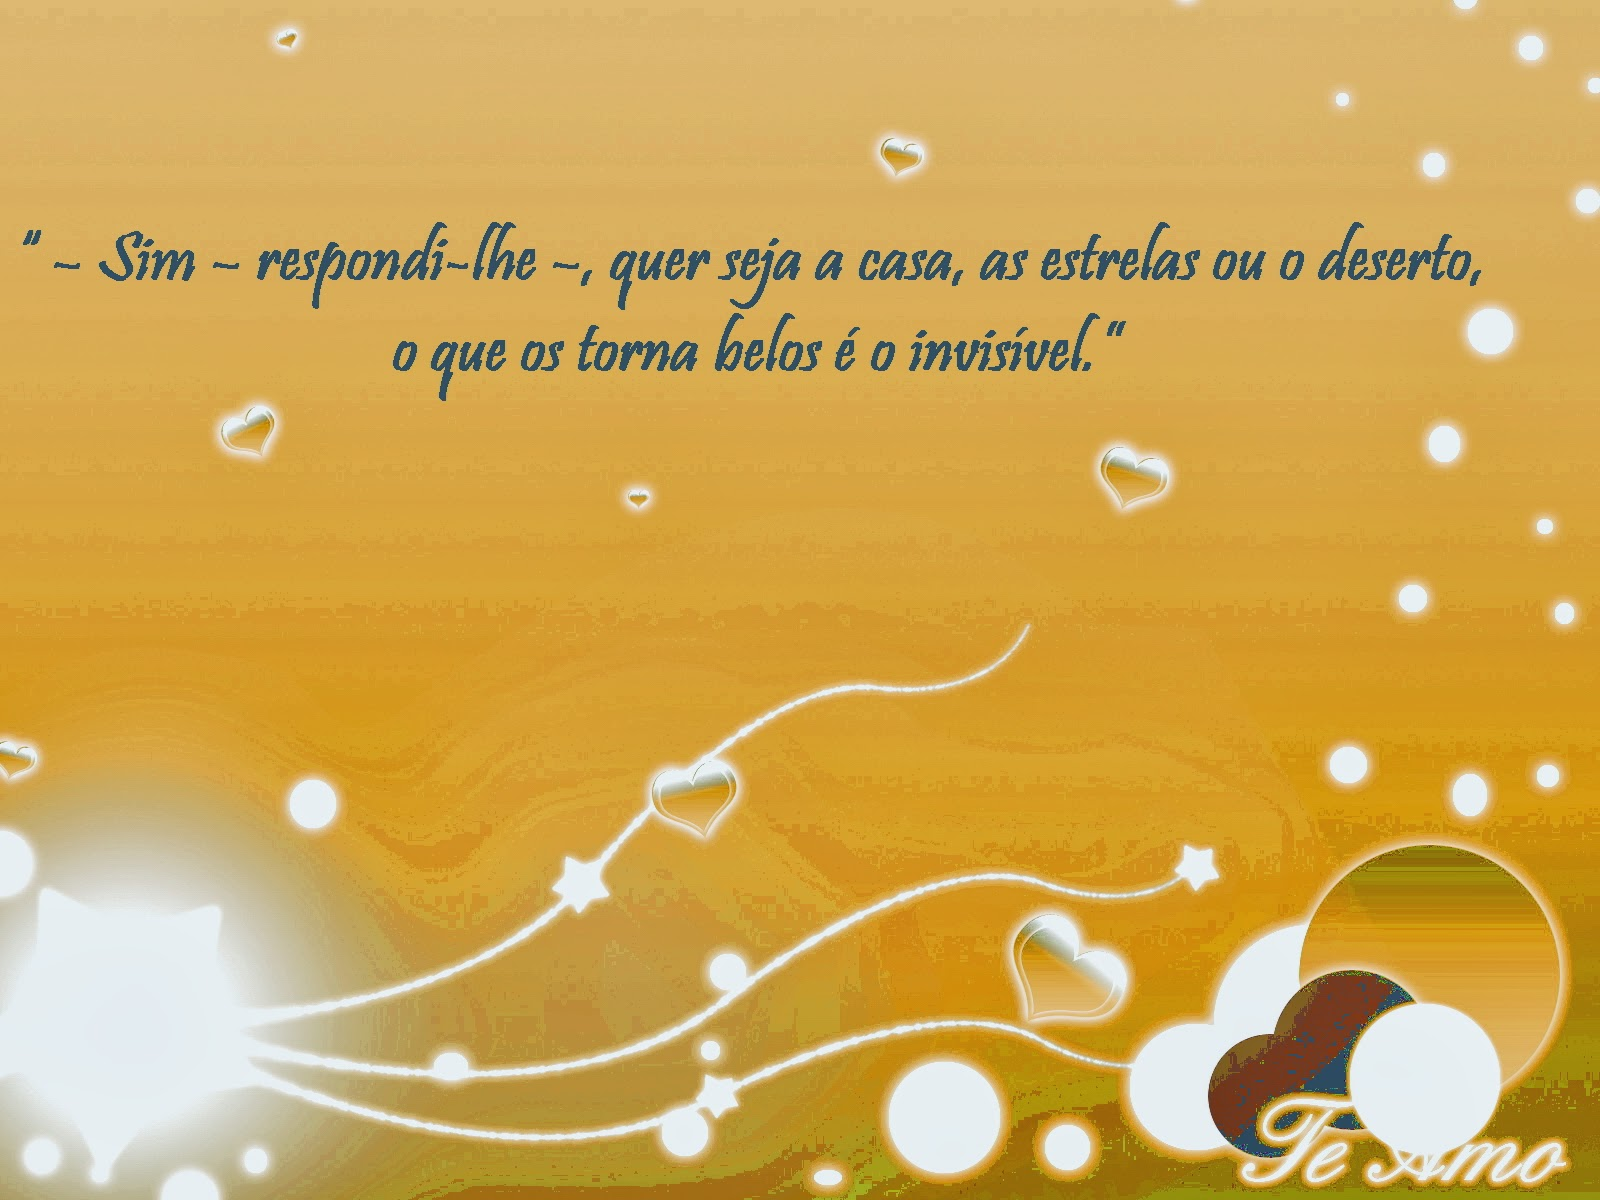 """Frases do Livro: """"O Pequeno Príncipe"""" #02"""